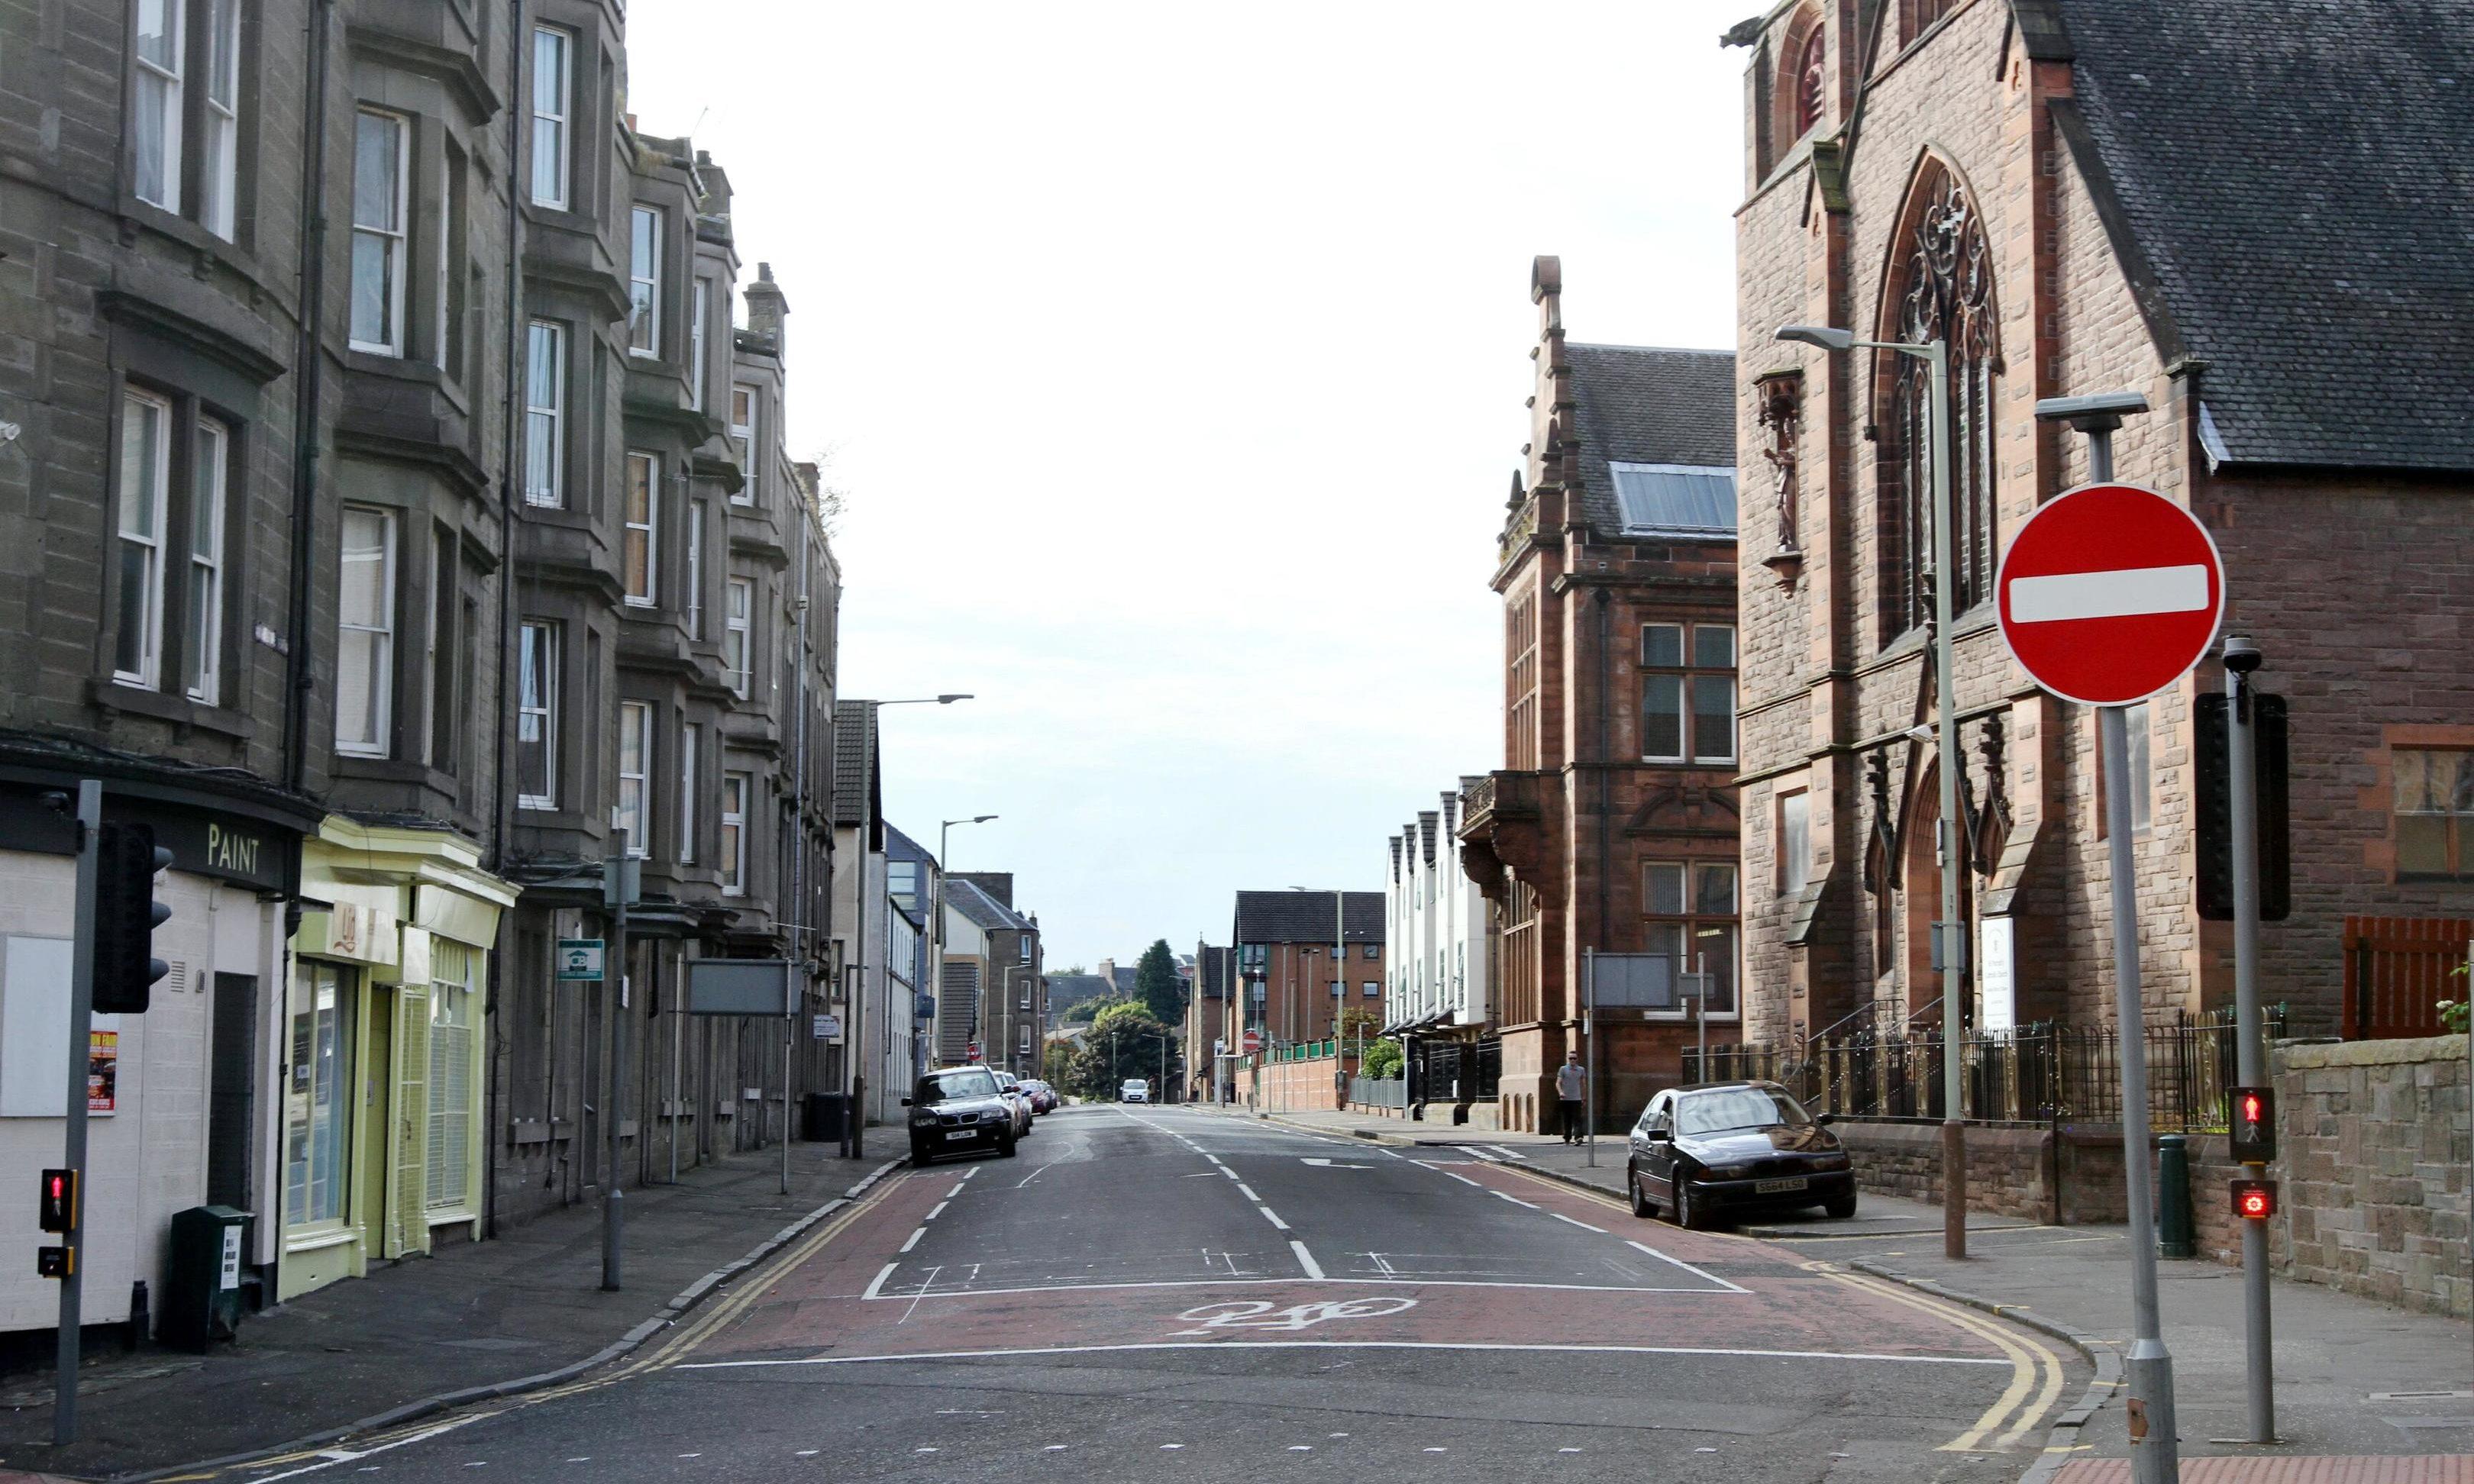 The junction of Arthurstone Terrace and Albert Street.